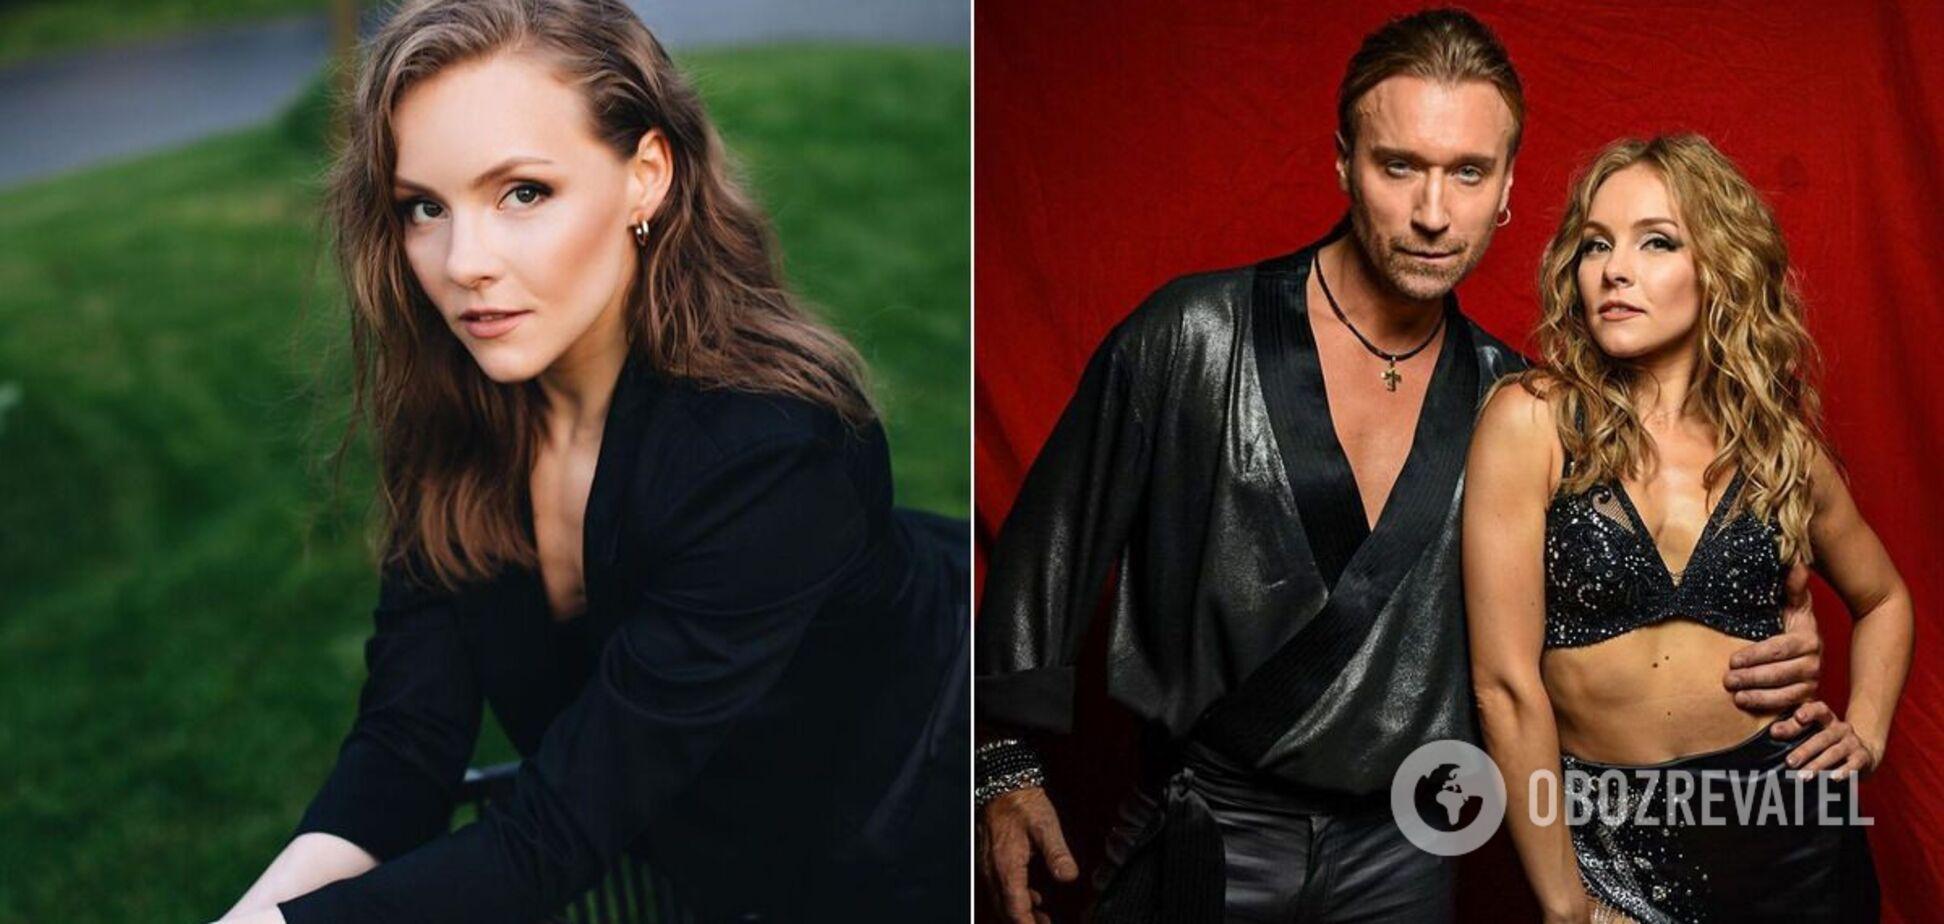 Алена Шоптенко больше не примет участия в шоу как танцовщица